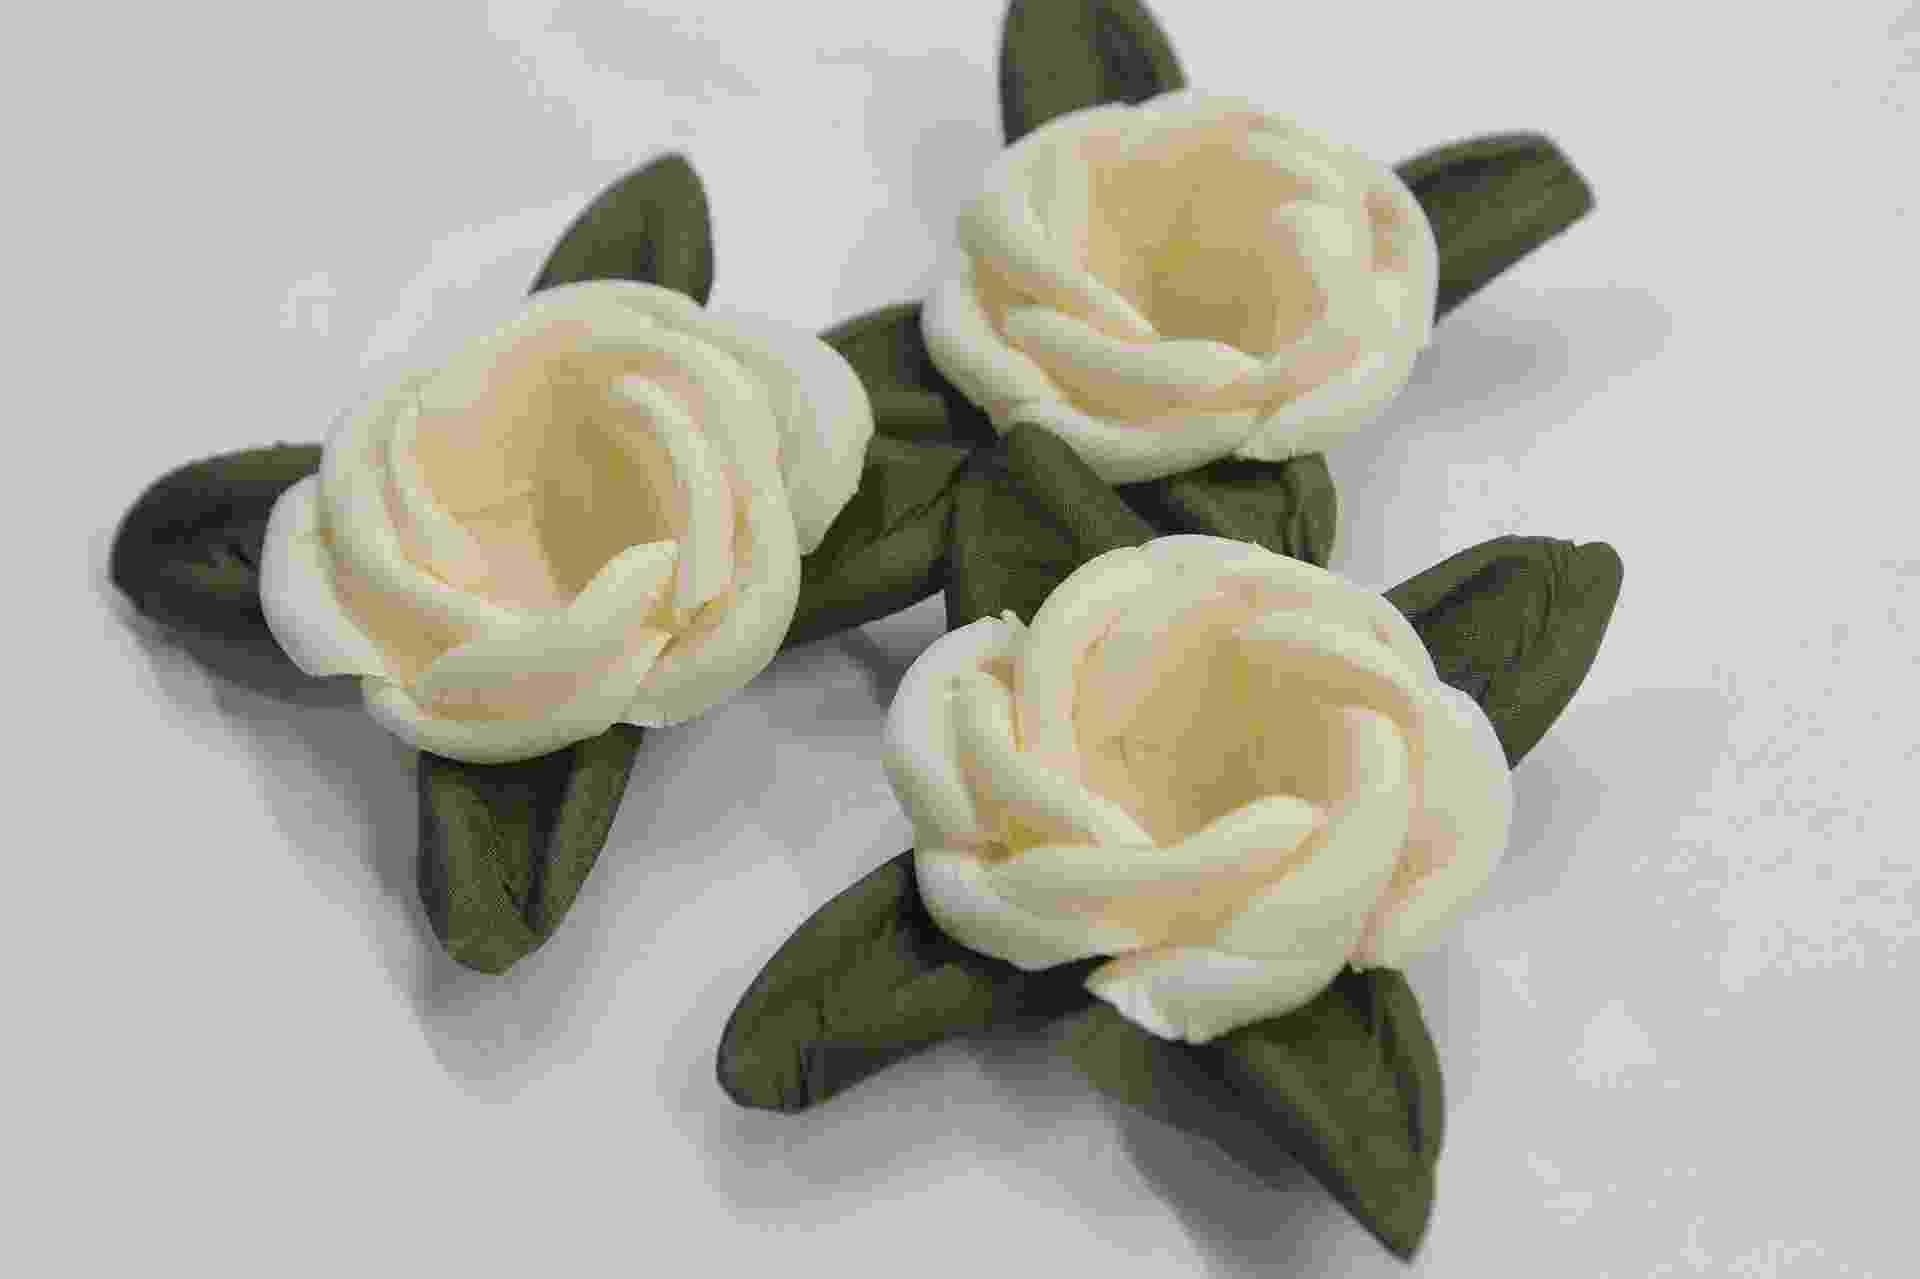 Forminhas em tecido creme, dos Armarinhos Santa Cecília (www.armarinhosantacecilia.com.br). R$ 48 (25 unidades). Preço pesquisado em maio de 2015. Sujeito a alterações - Reinaldo Canato/UOL